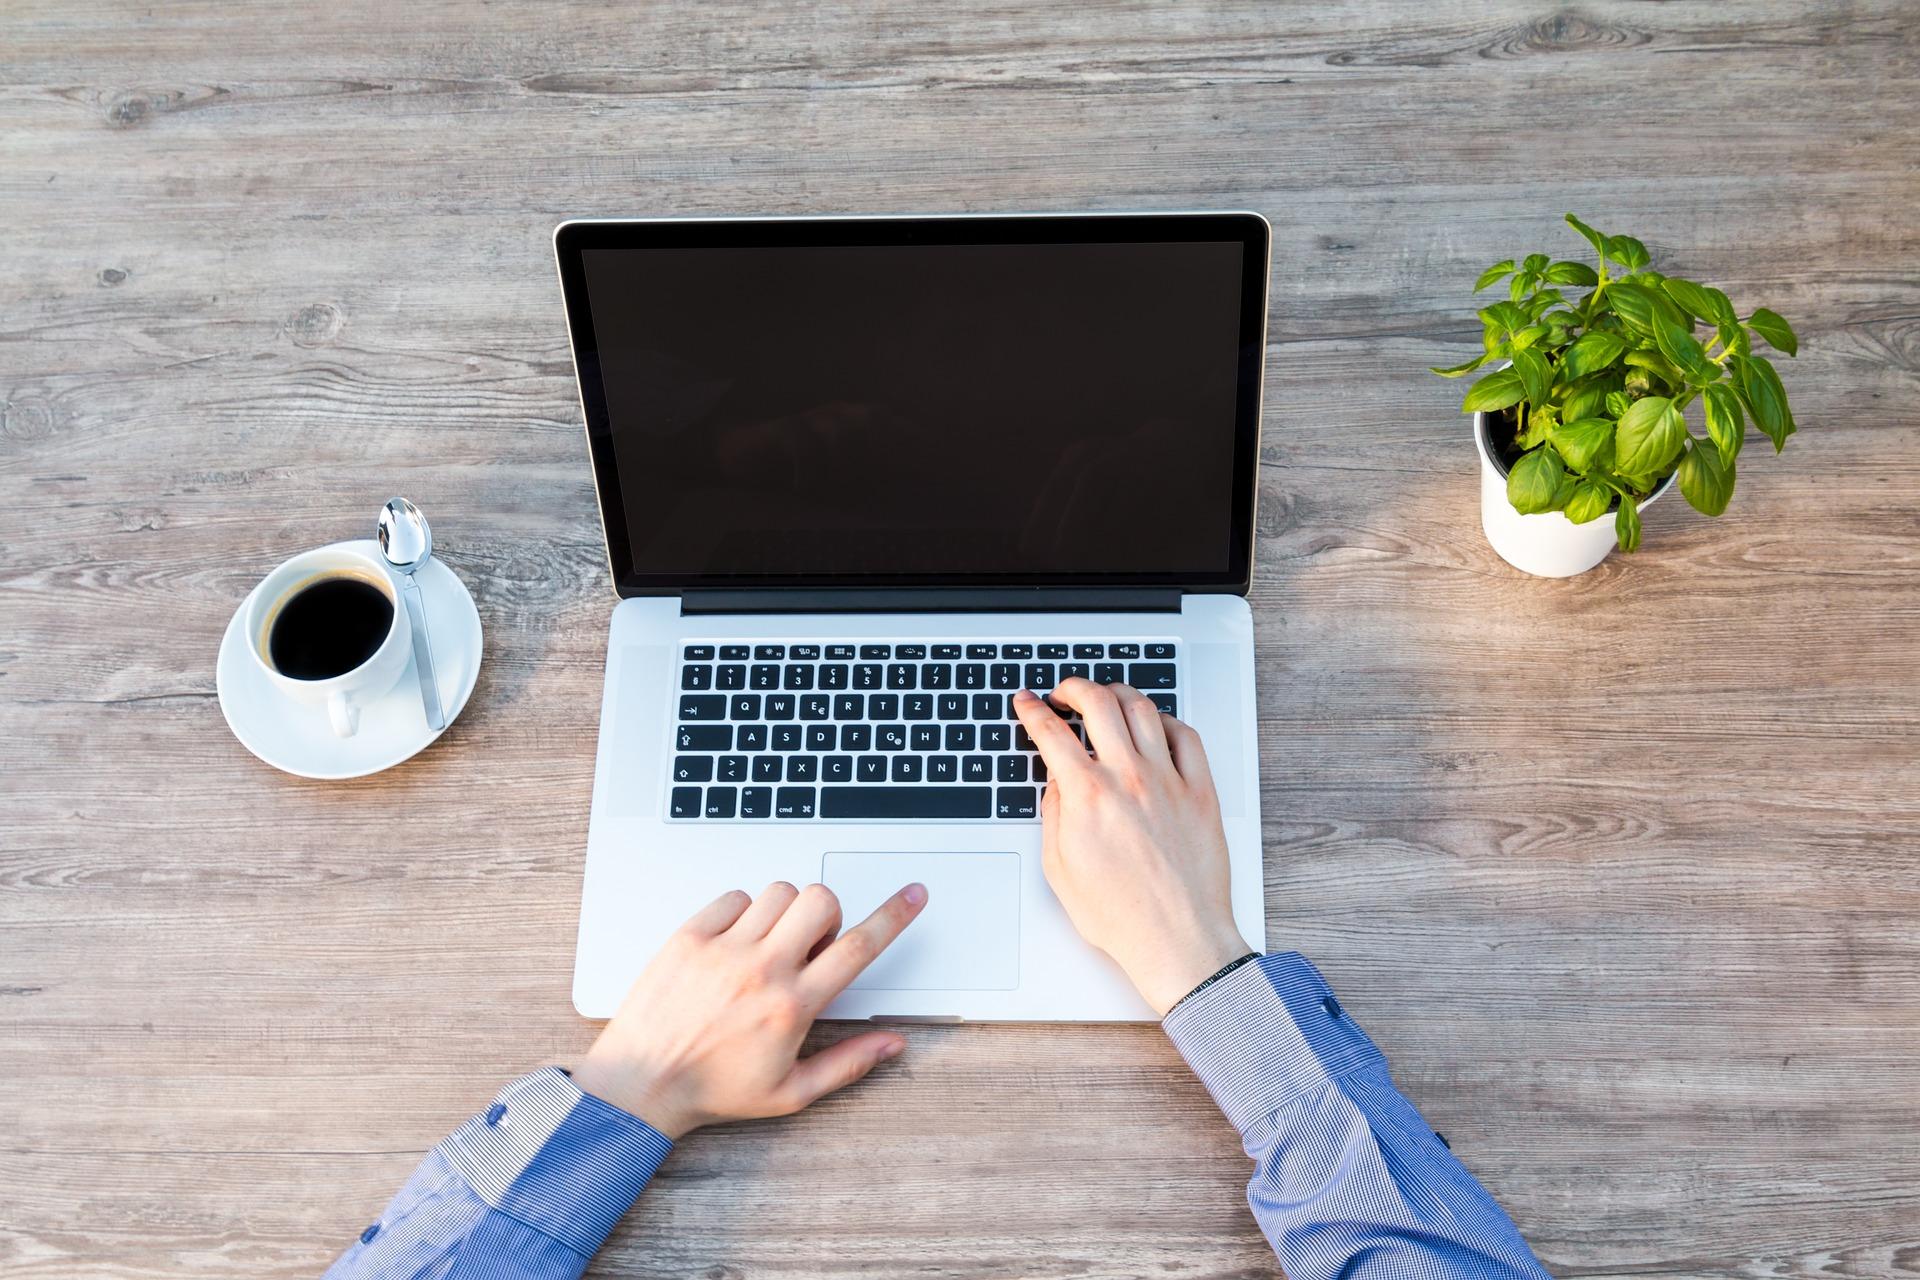 8 tips for freelance work